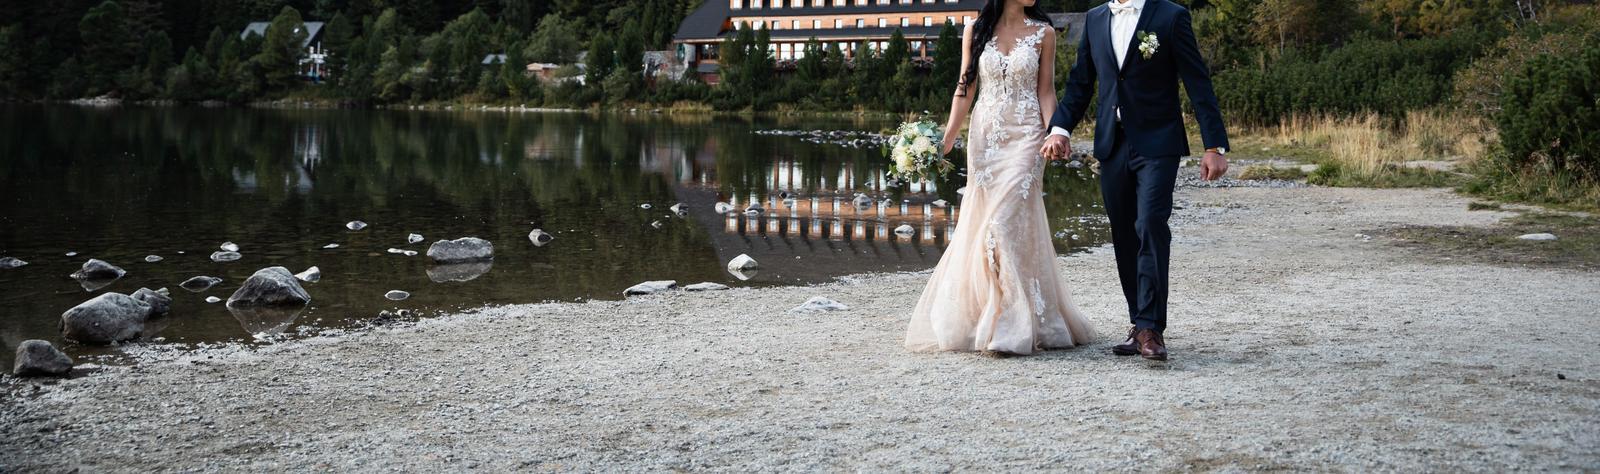 svadobné šaty čipkované - Obrázok č. 1